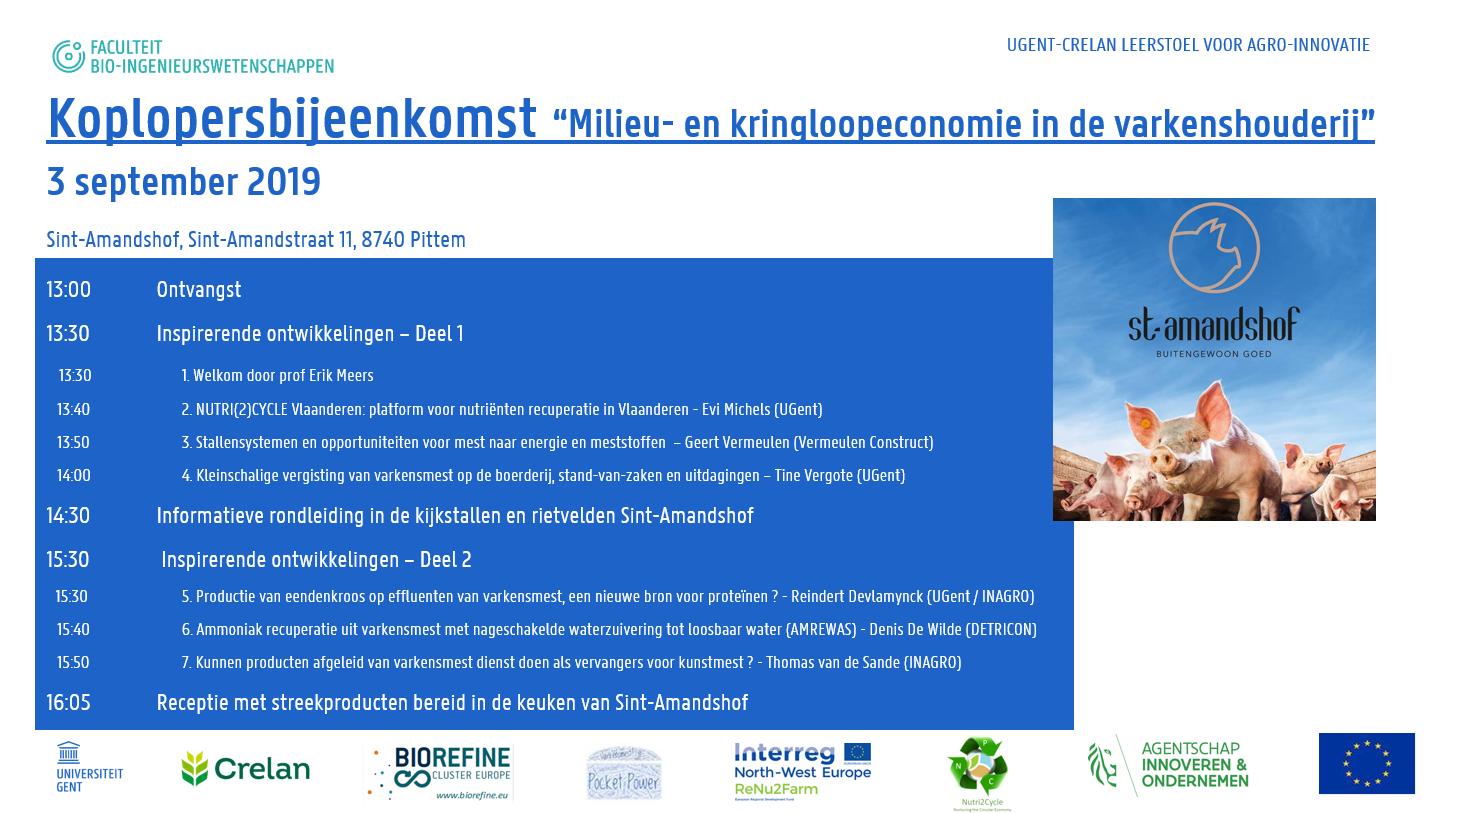 """Koplopersbijeenkomst: """"Milieu- en kringloopeconomie in de varkenshouderij"""""""